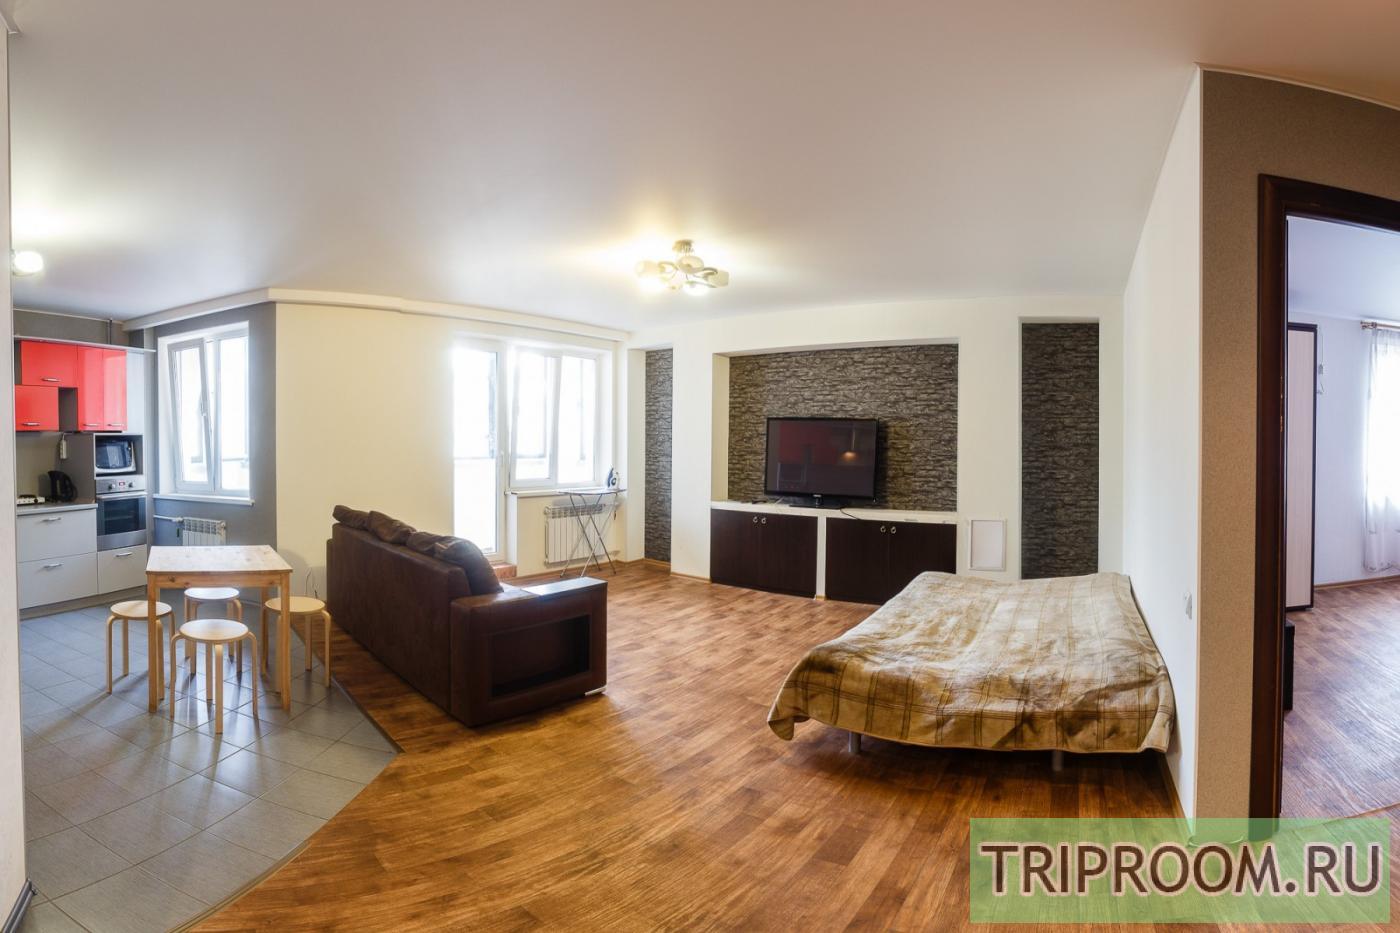 2-комнатная квартира посуточно (вариант № 4976), ул. Волочаевская улица, фото № 3